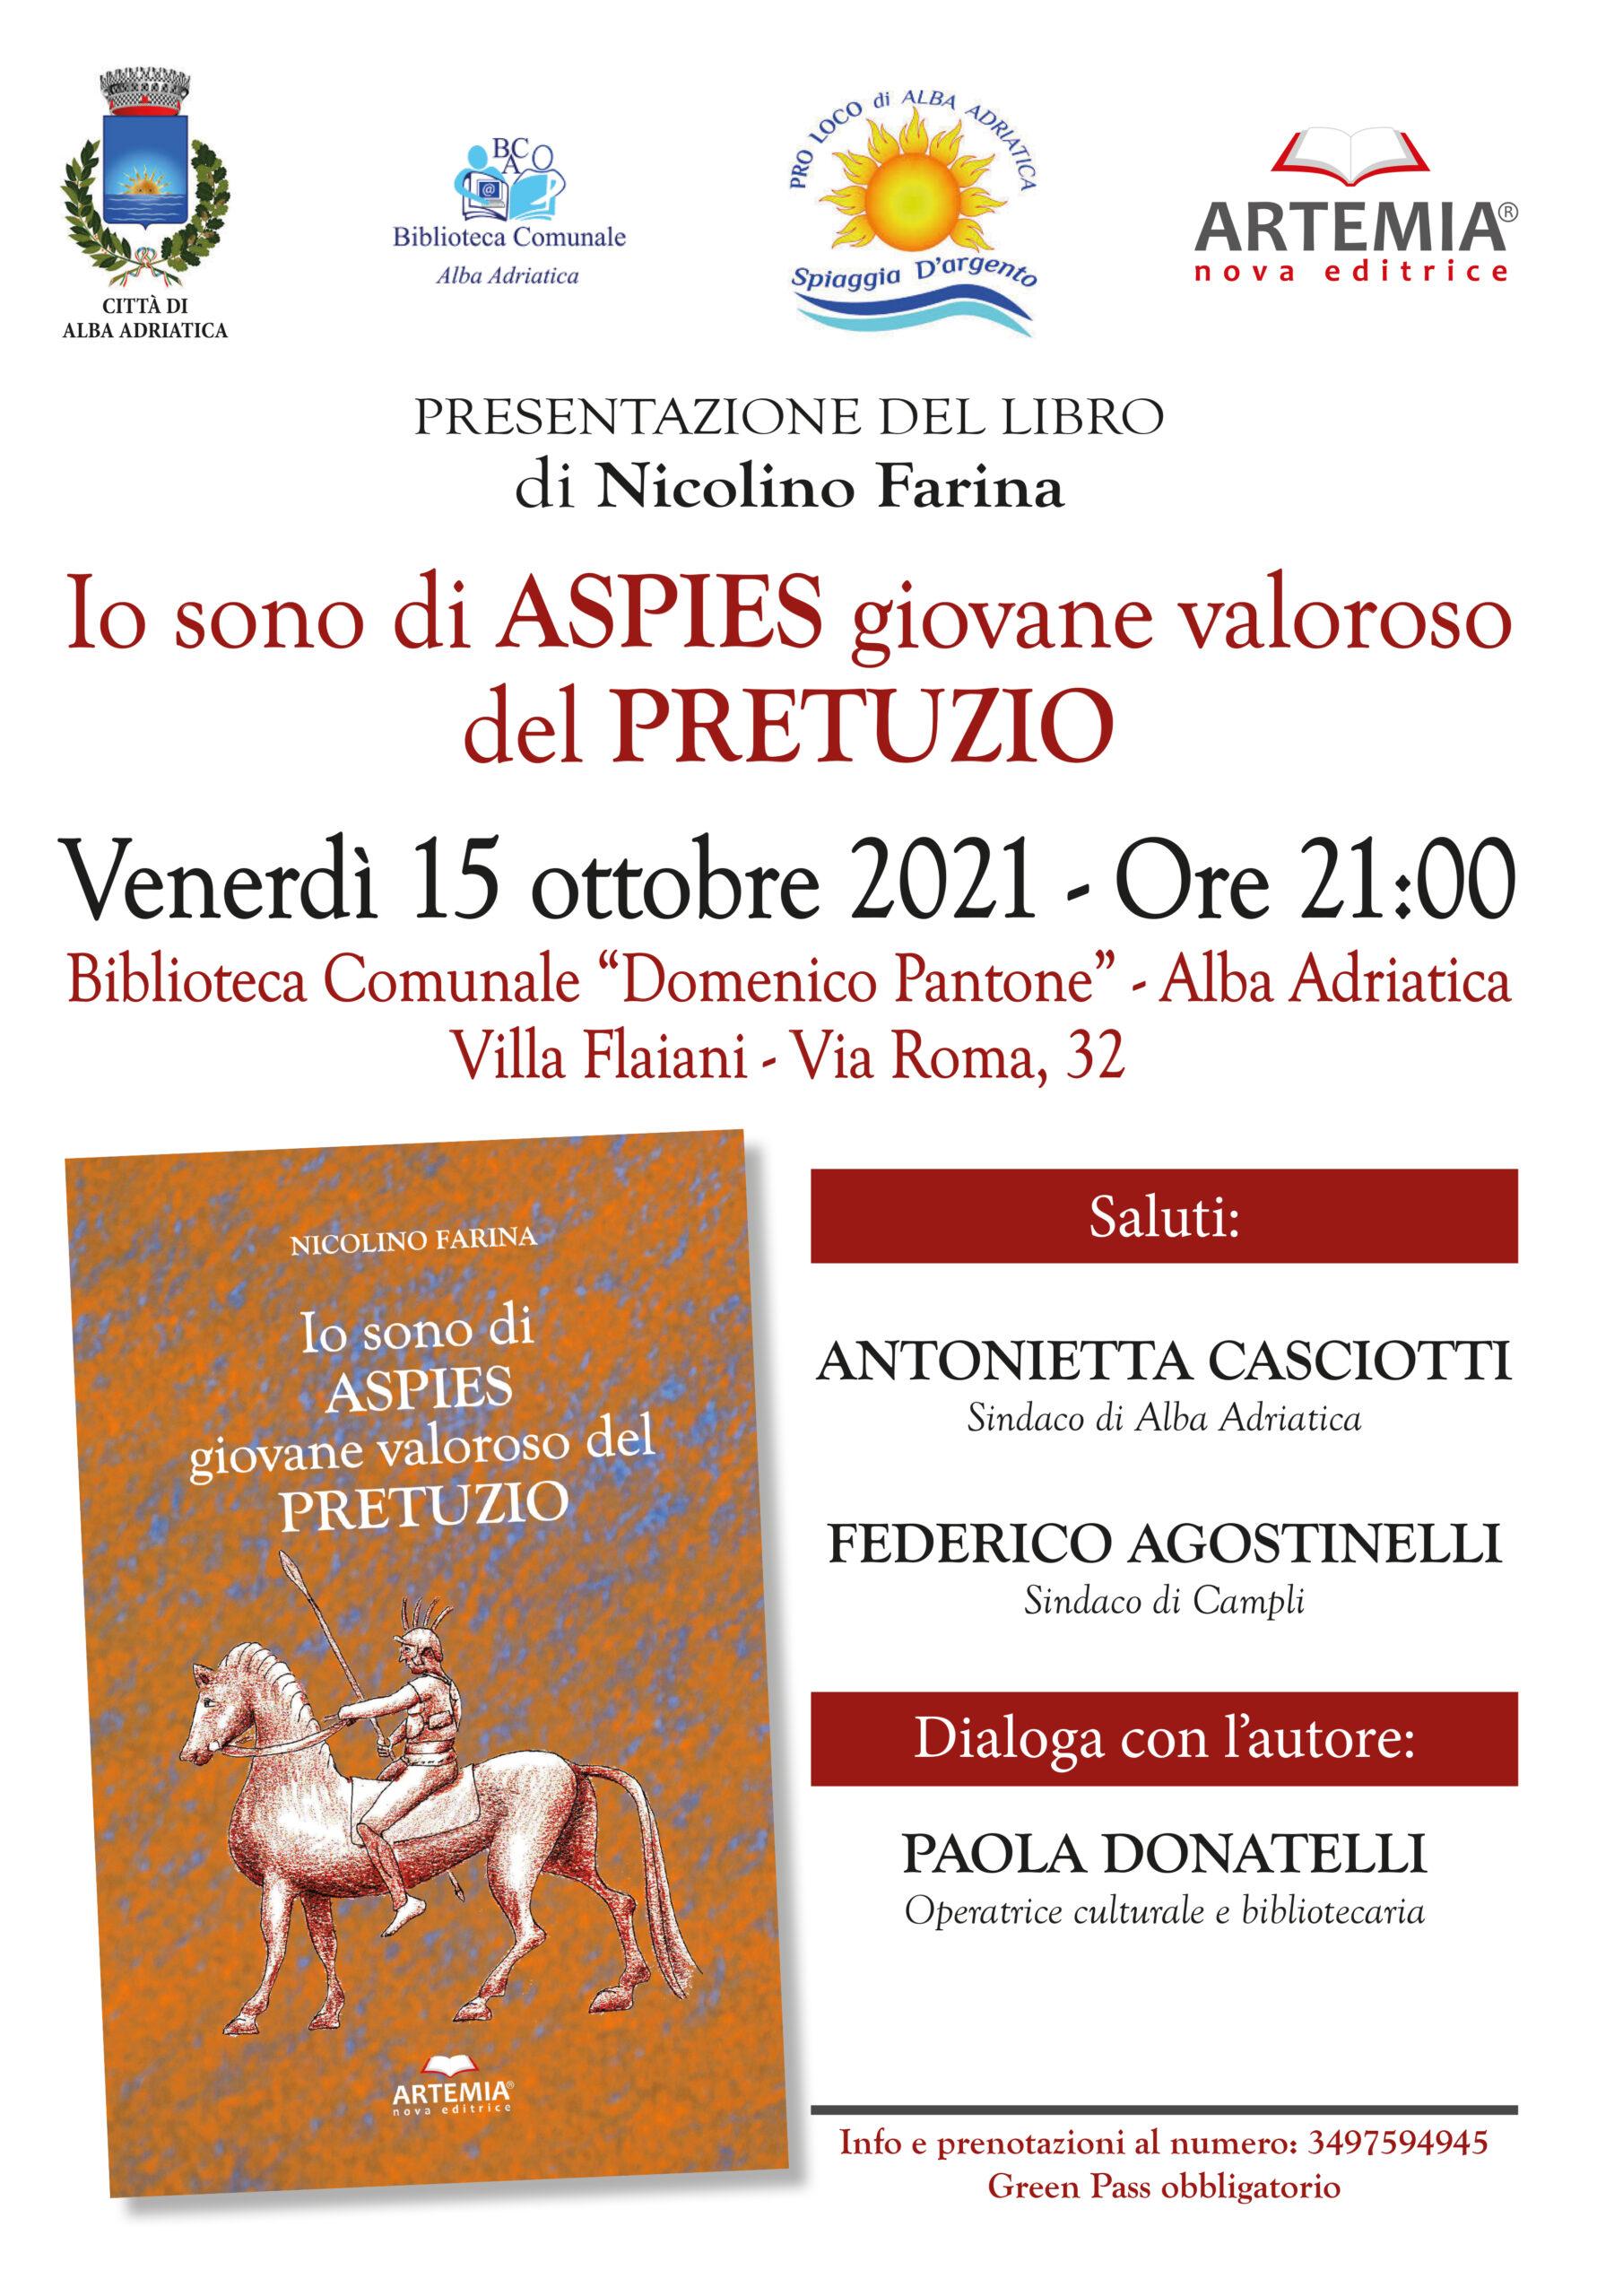 Alba Adriatica, Nicolino Farina presenta la sua pubblicazione in biblioteca